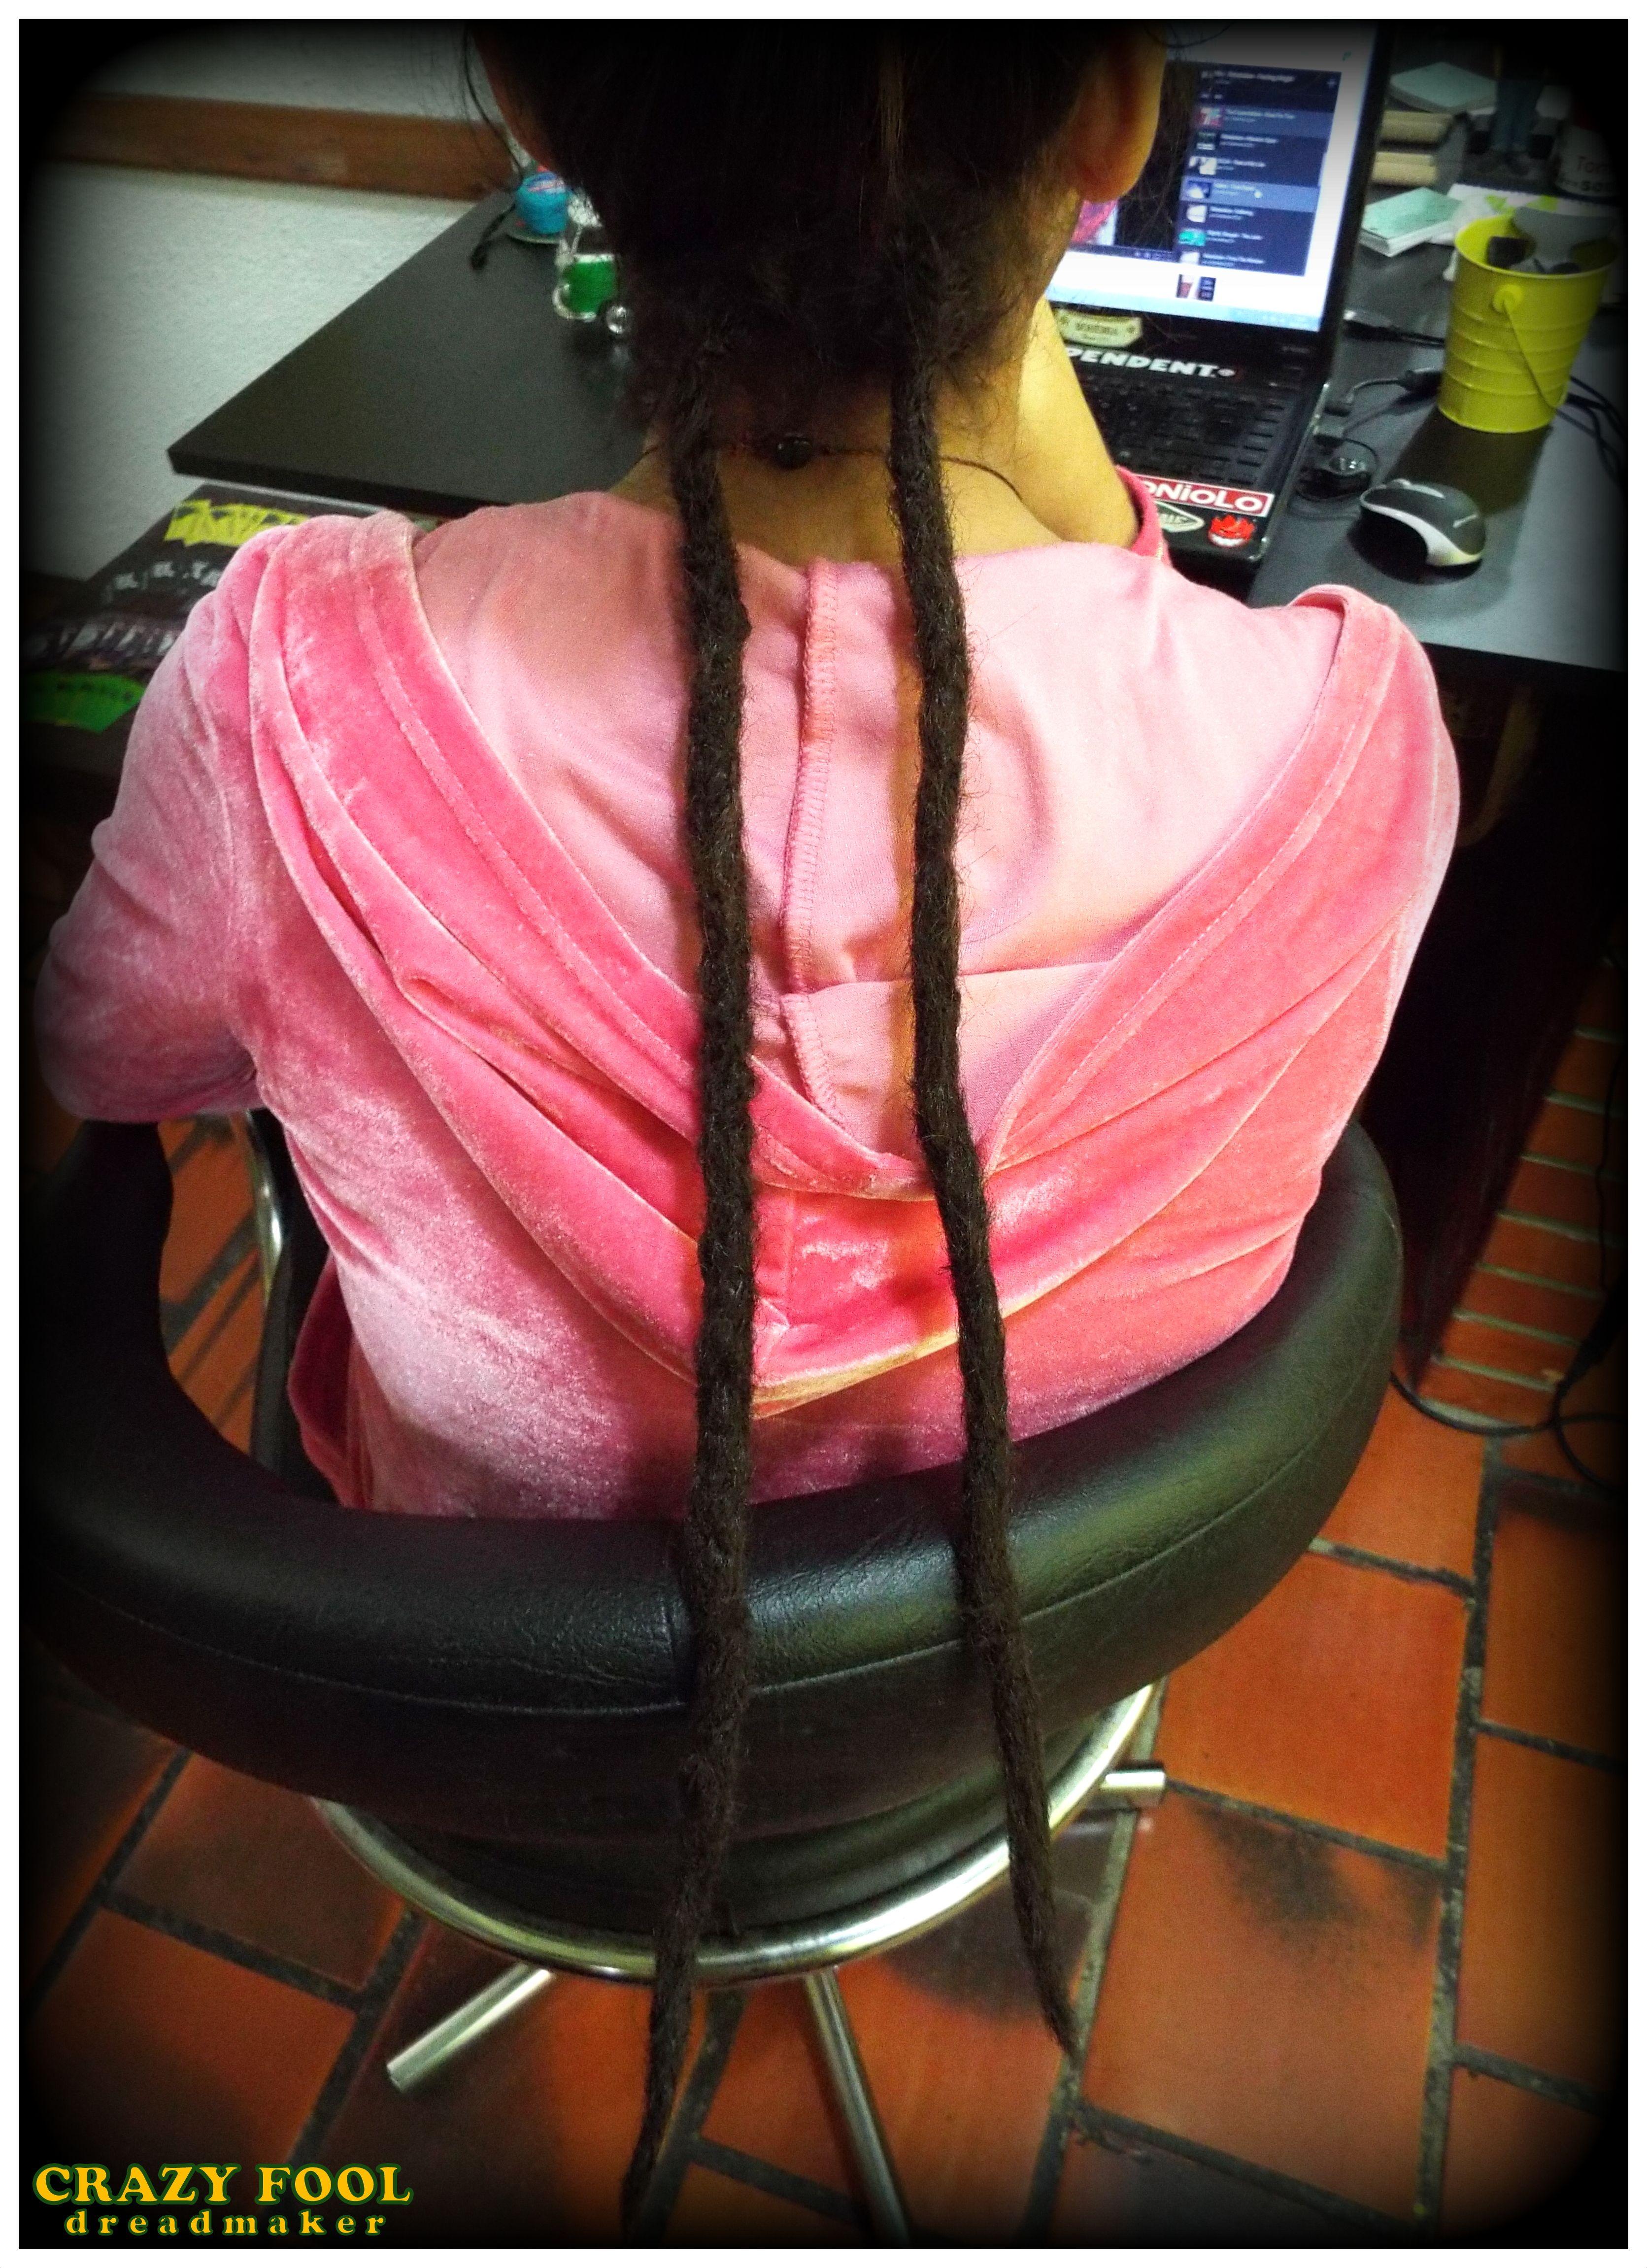 Dreads nos cabelos de Maria Eduarda de Porto Alegre - RS